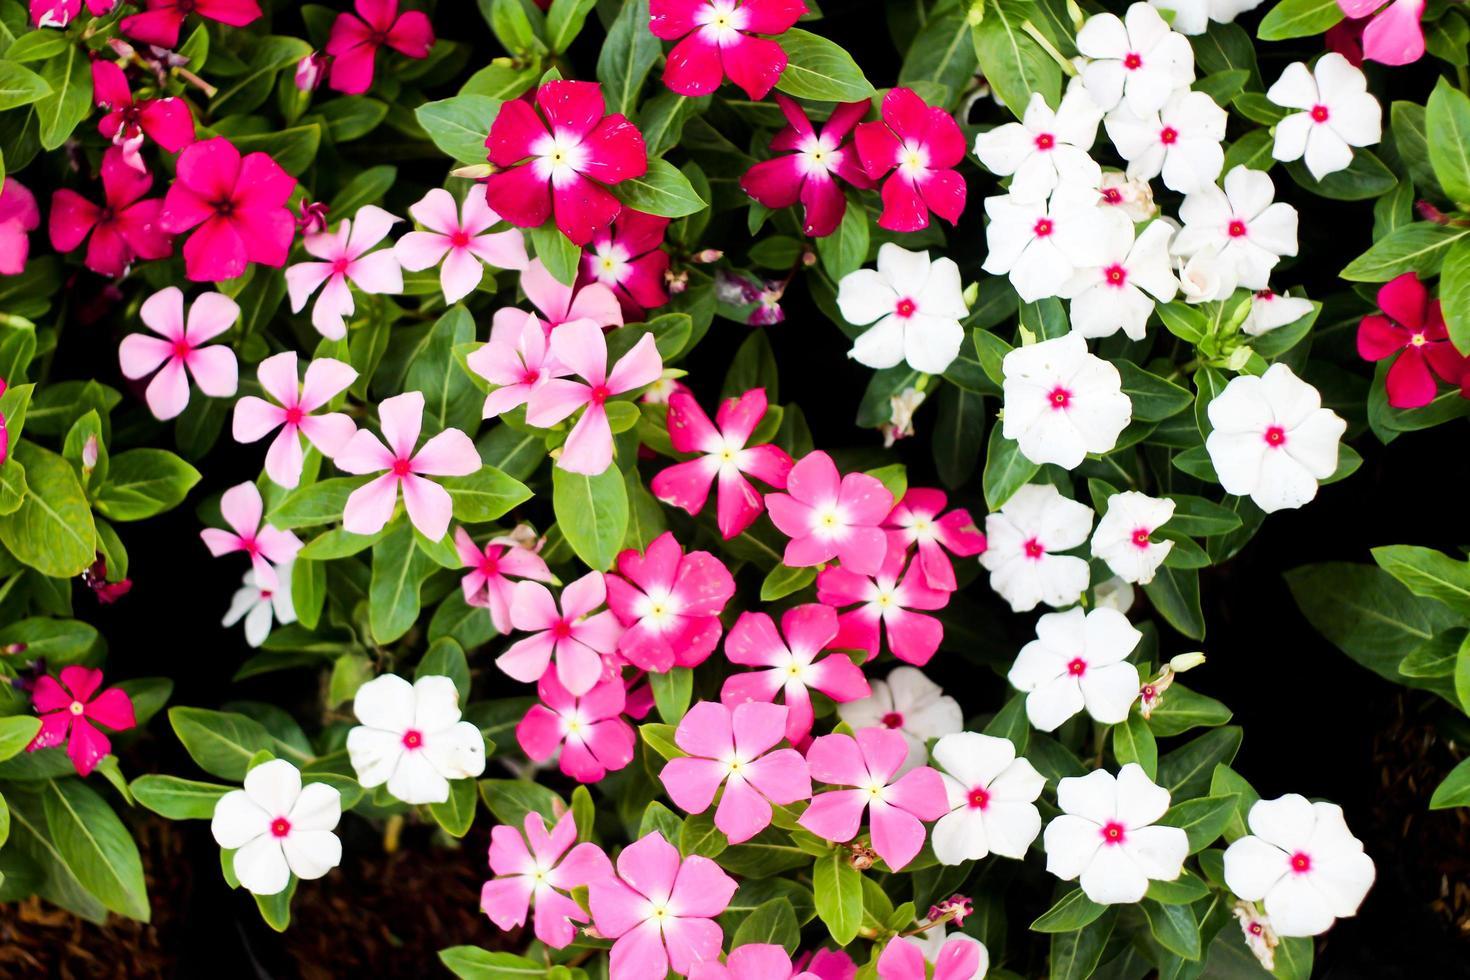 primo piano del fiore, sfondo di piccoli fiori foto